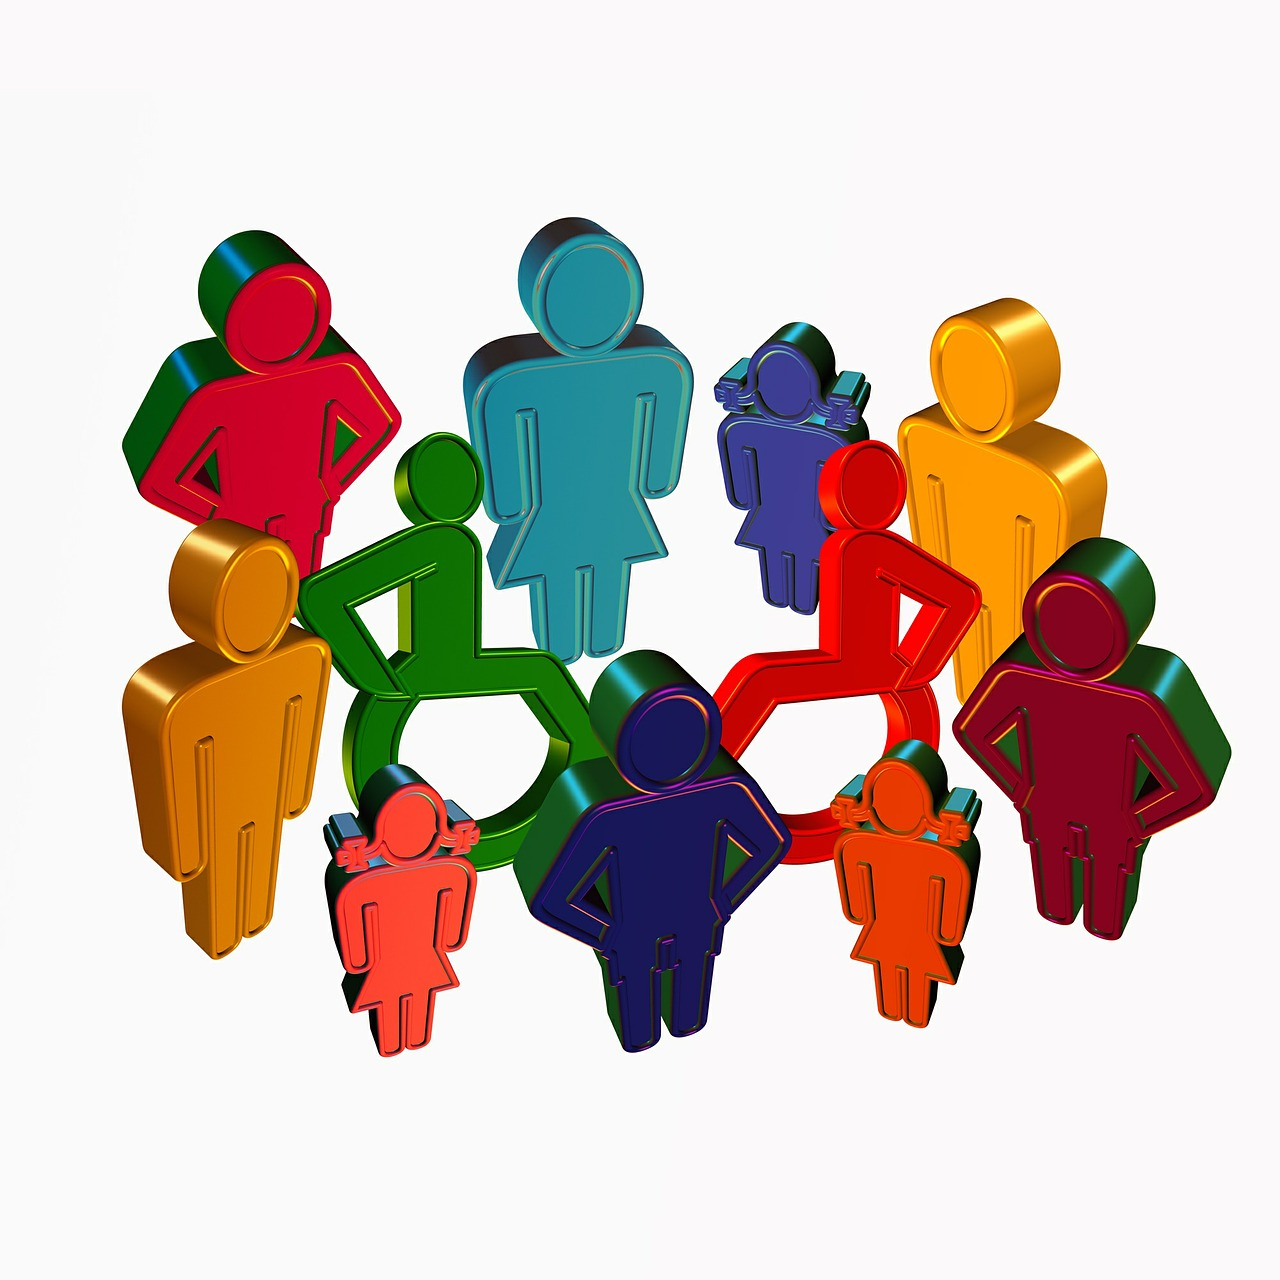 Pisa_Parkinson e non Parkinson_Circolo tra Amici_Mercoledì 12 febbraio 2020 al Centro San Zeno